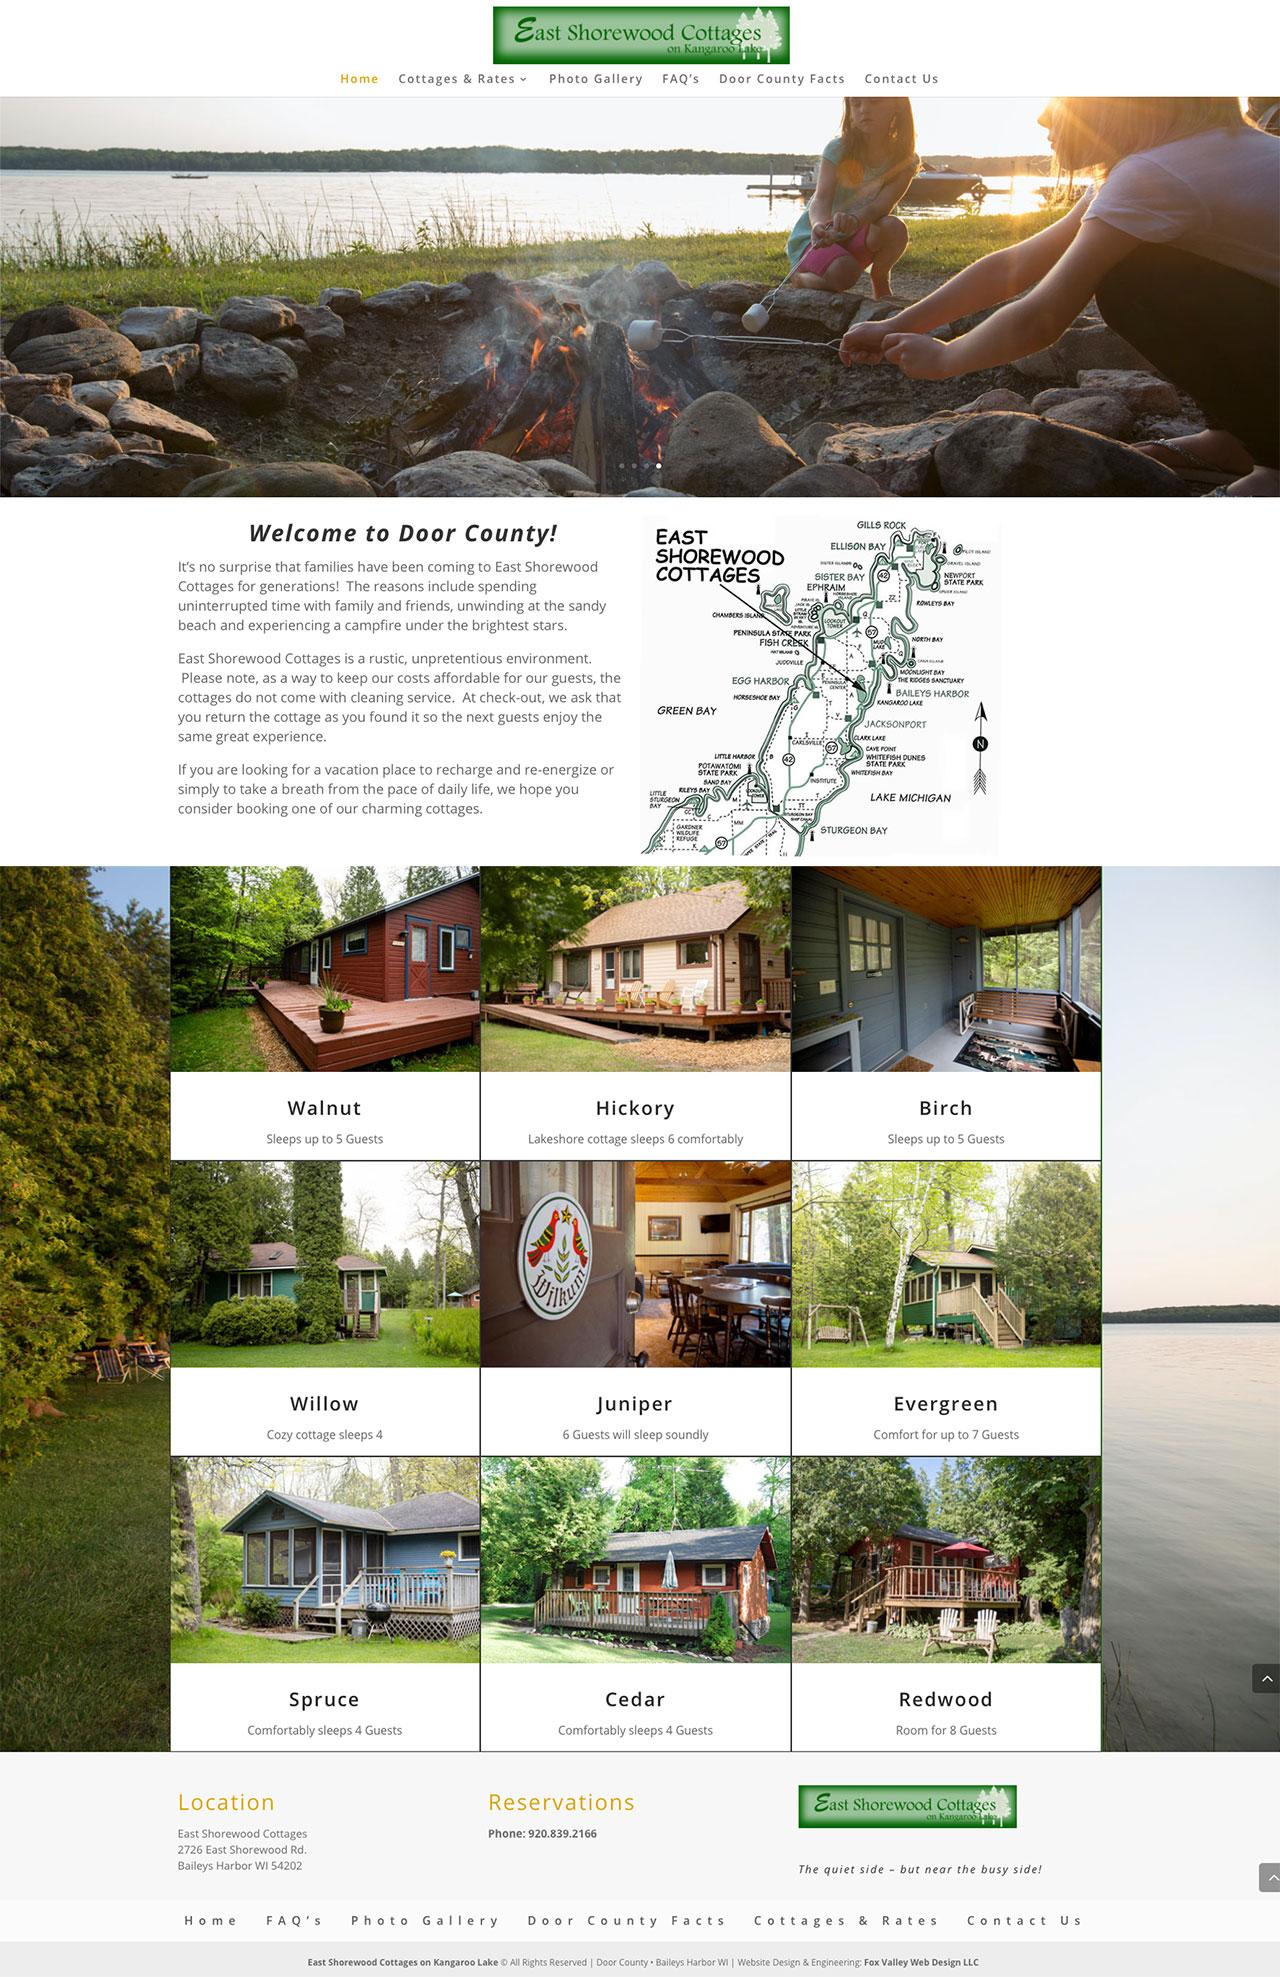 Eastshorewood Cottages,kangaroo lake, door county,web design,photography,wisconsin web design,door county website design